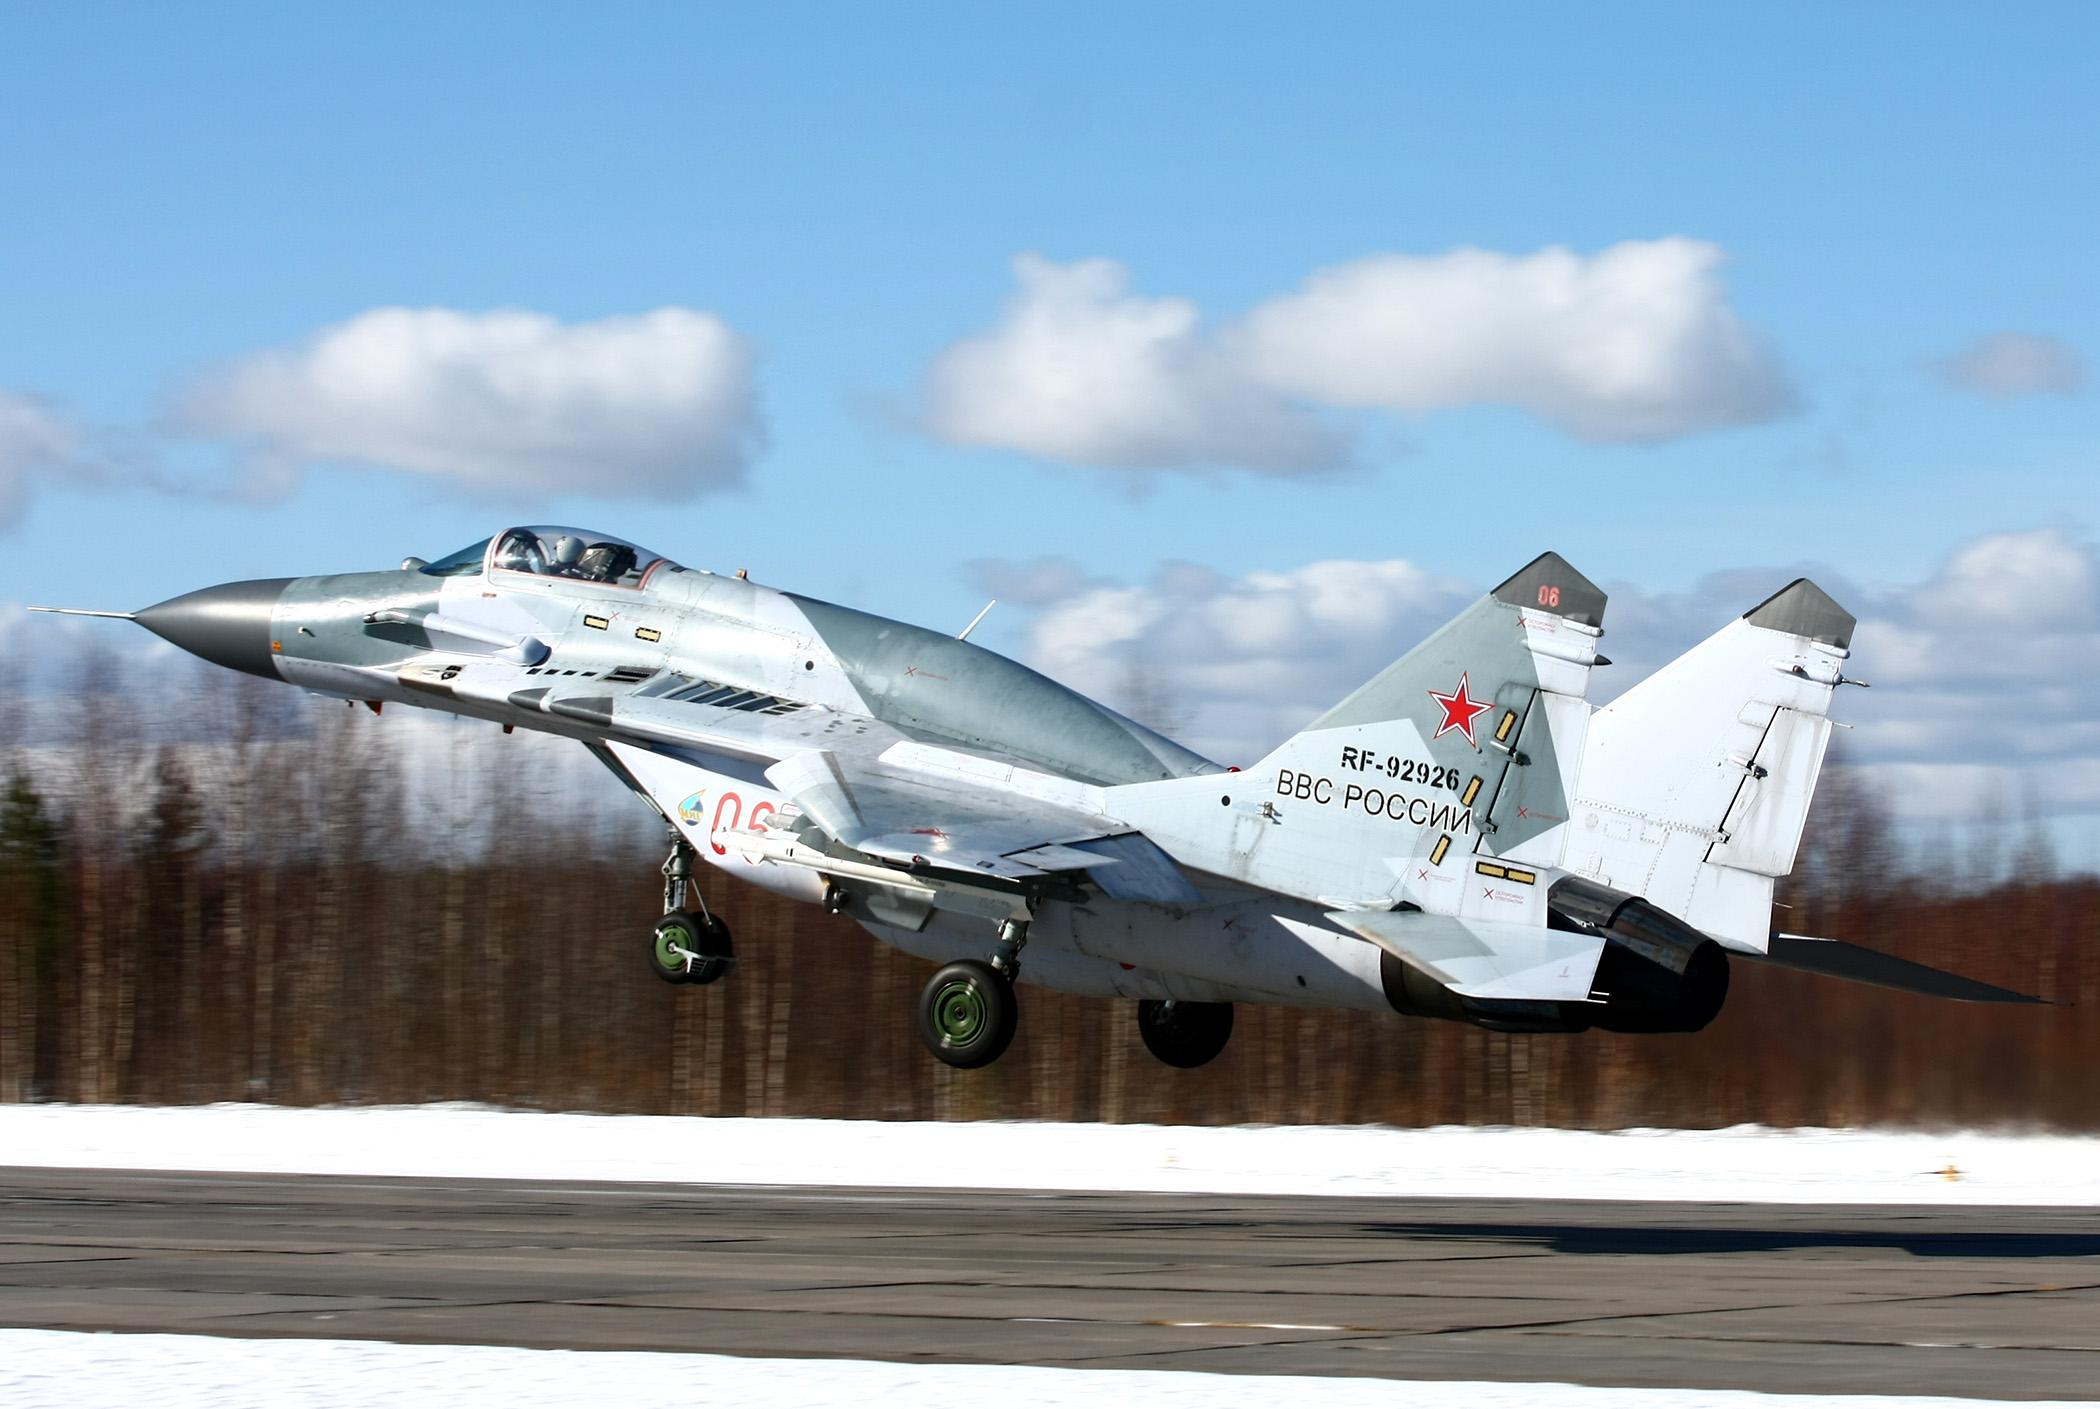 МиГ-29 и неговите варијанти 143473_68221046_01-01-01LADOGA2013-11